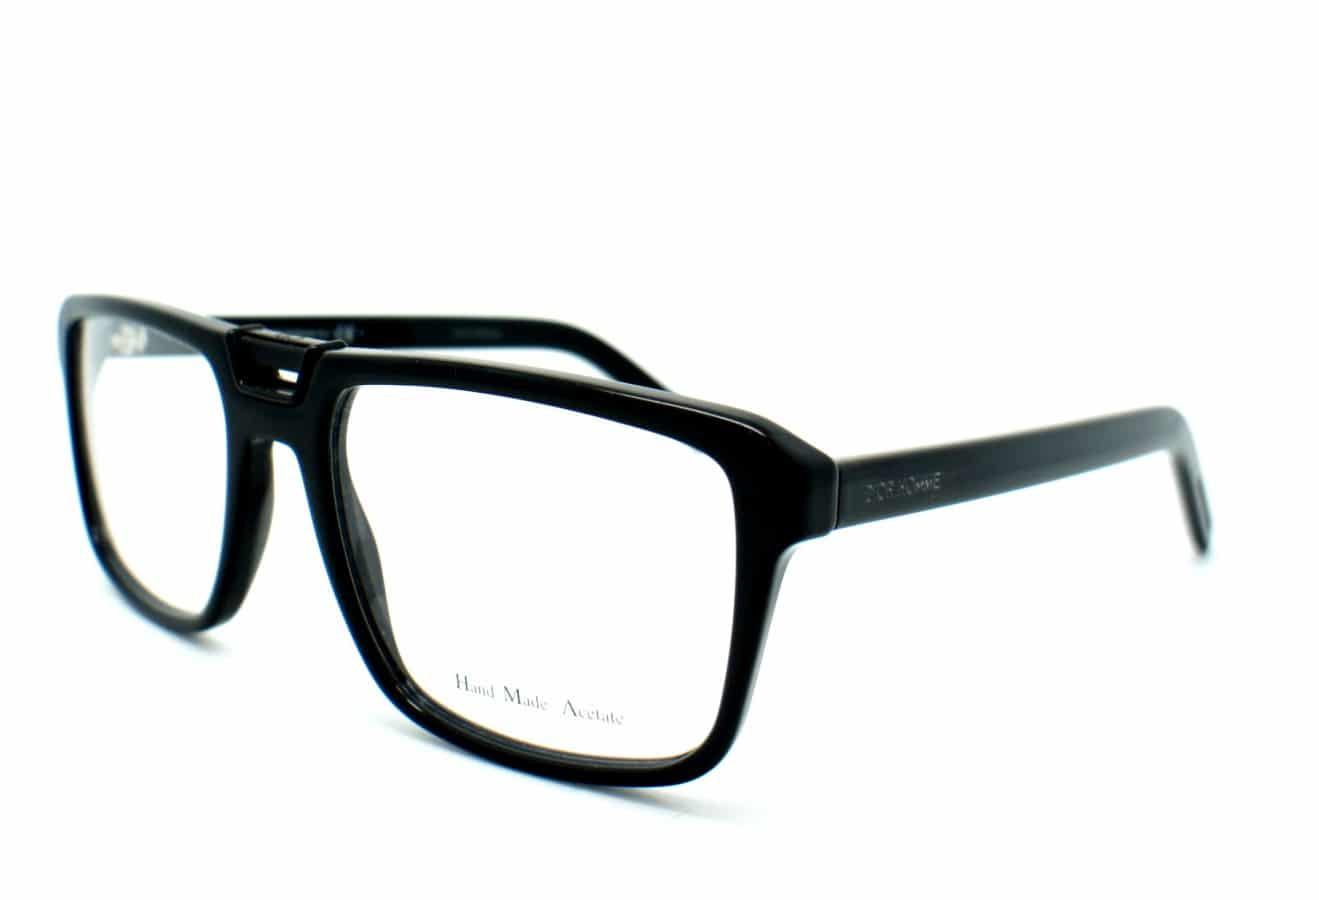 Lunettes correctrices : commandez votre paire de lunettes sur Internet